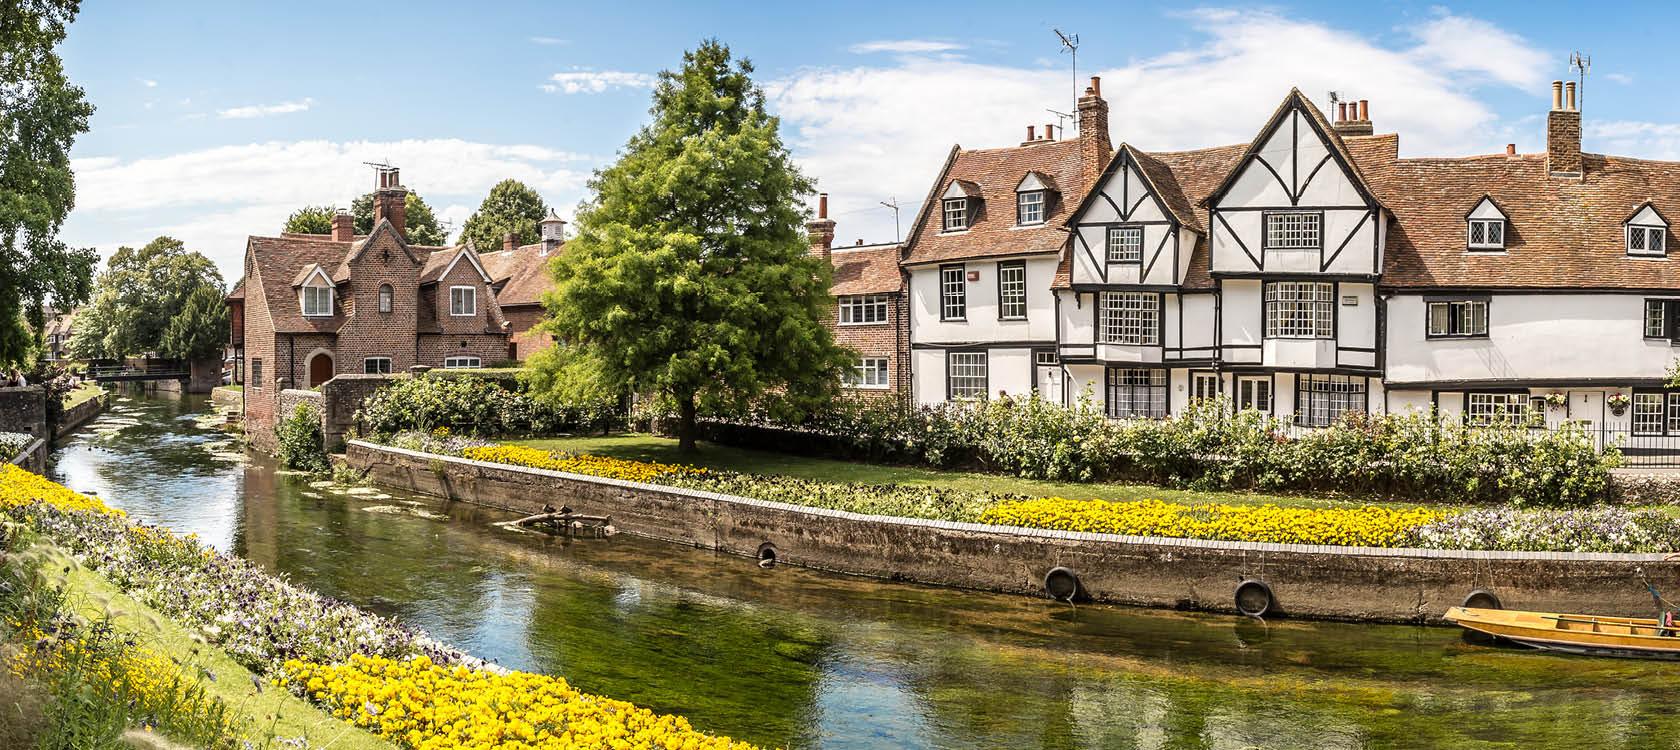 På en resa till England kan man uppleva brittisk stadsidyll med gamla hus och en bäck och blommor